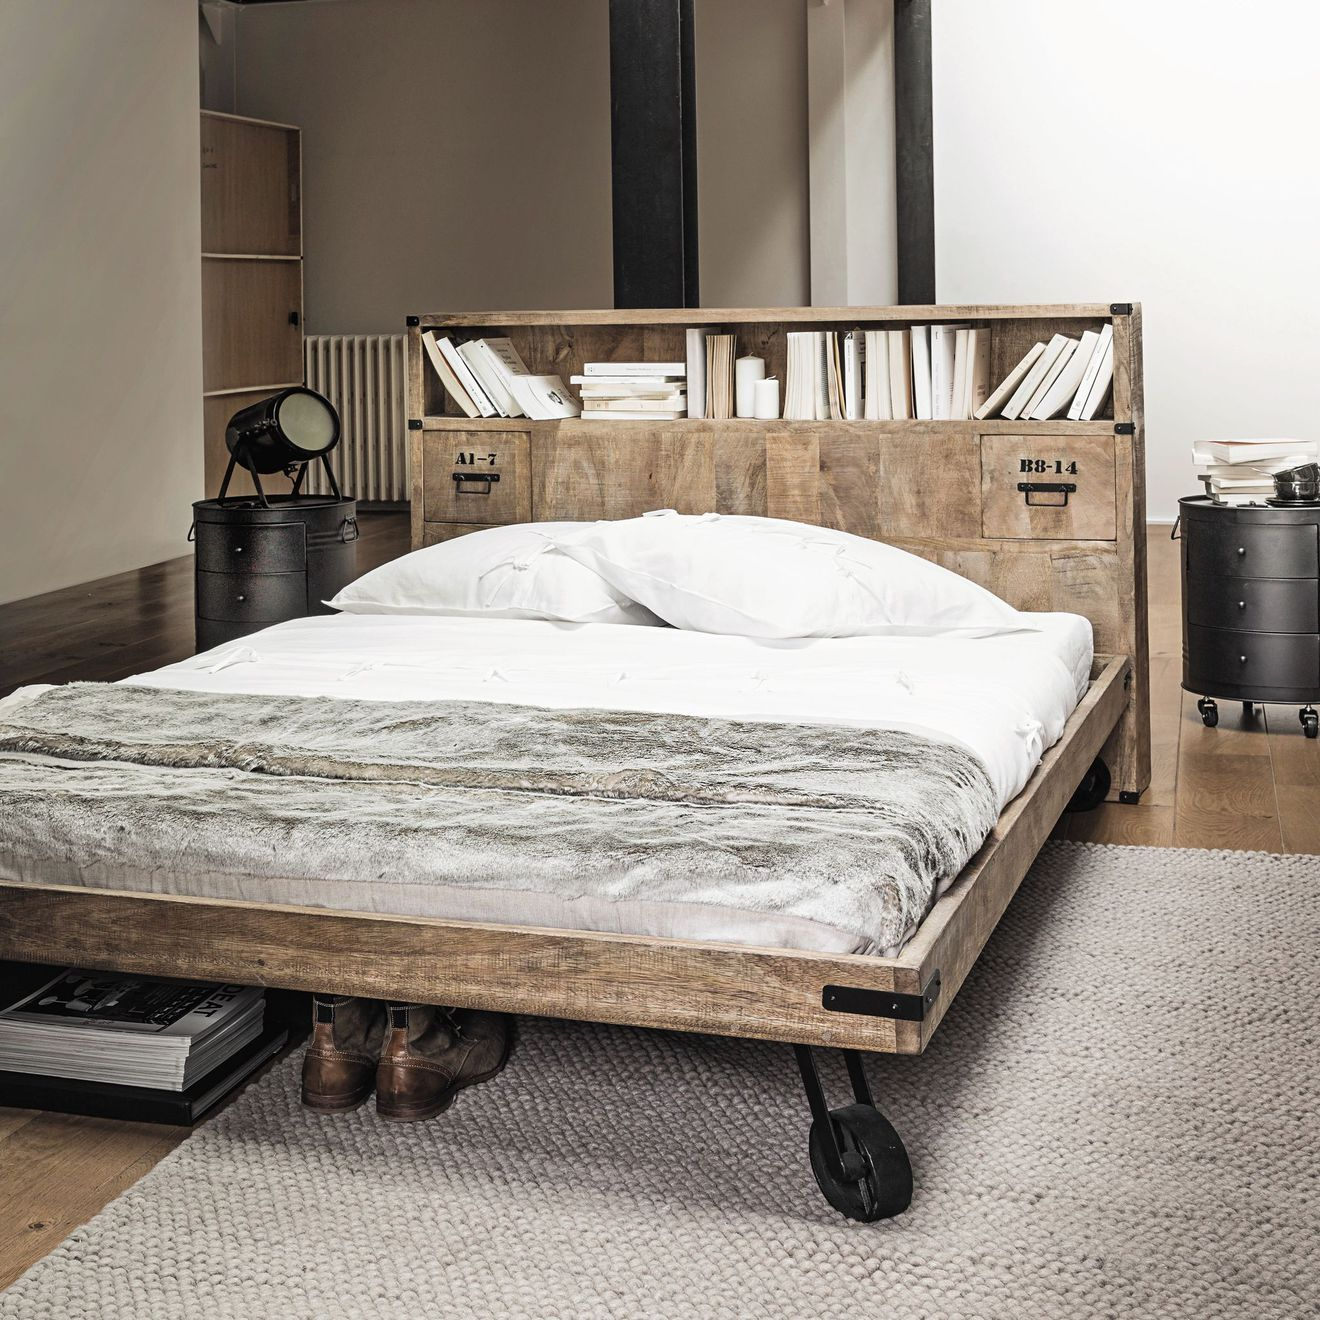 30 têtes de lit pour votre chambre   Tête de lit avec rangement, Lit rangement, Mobilier de salon